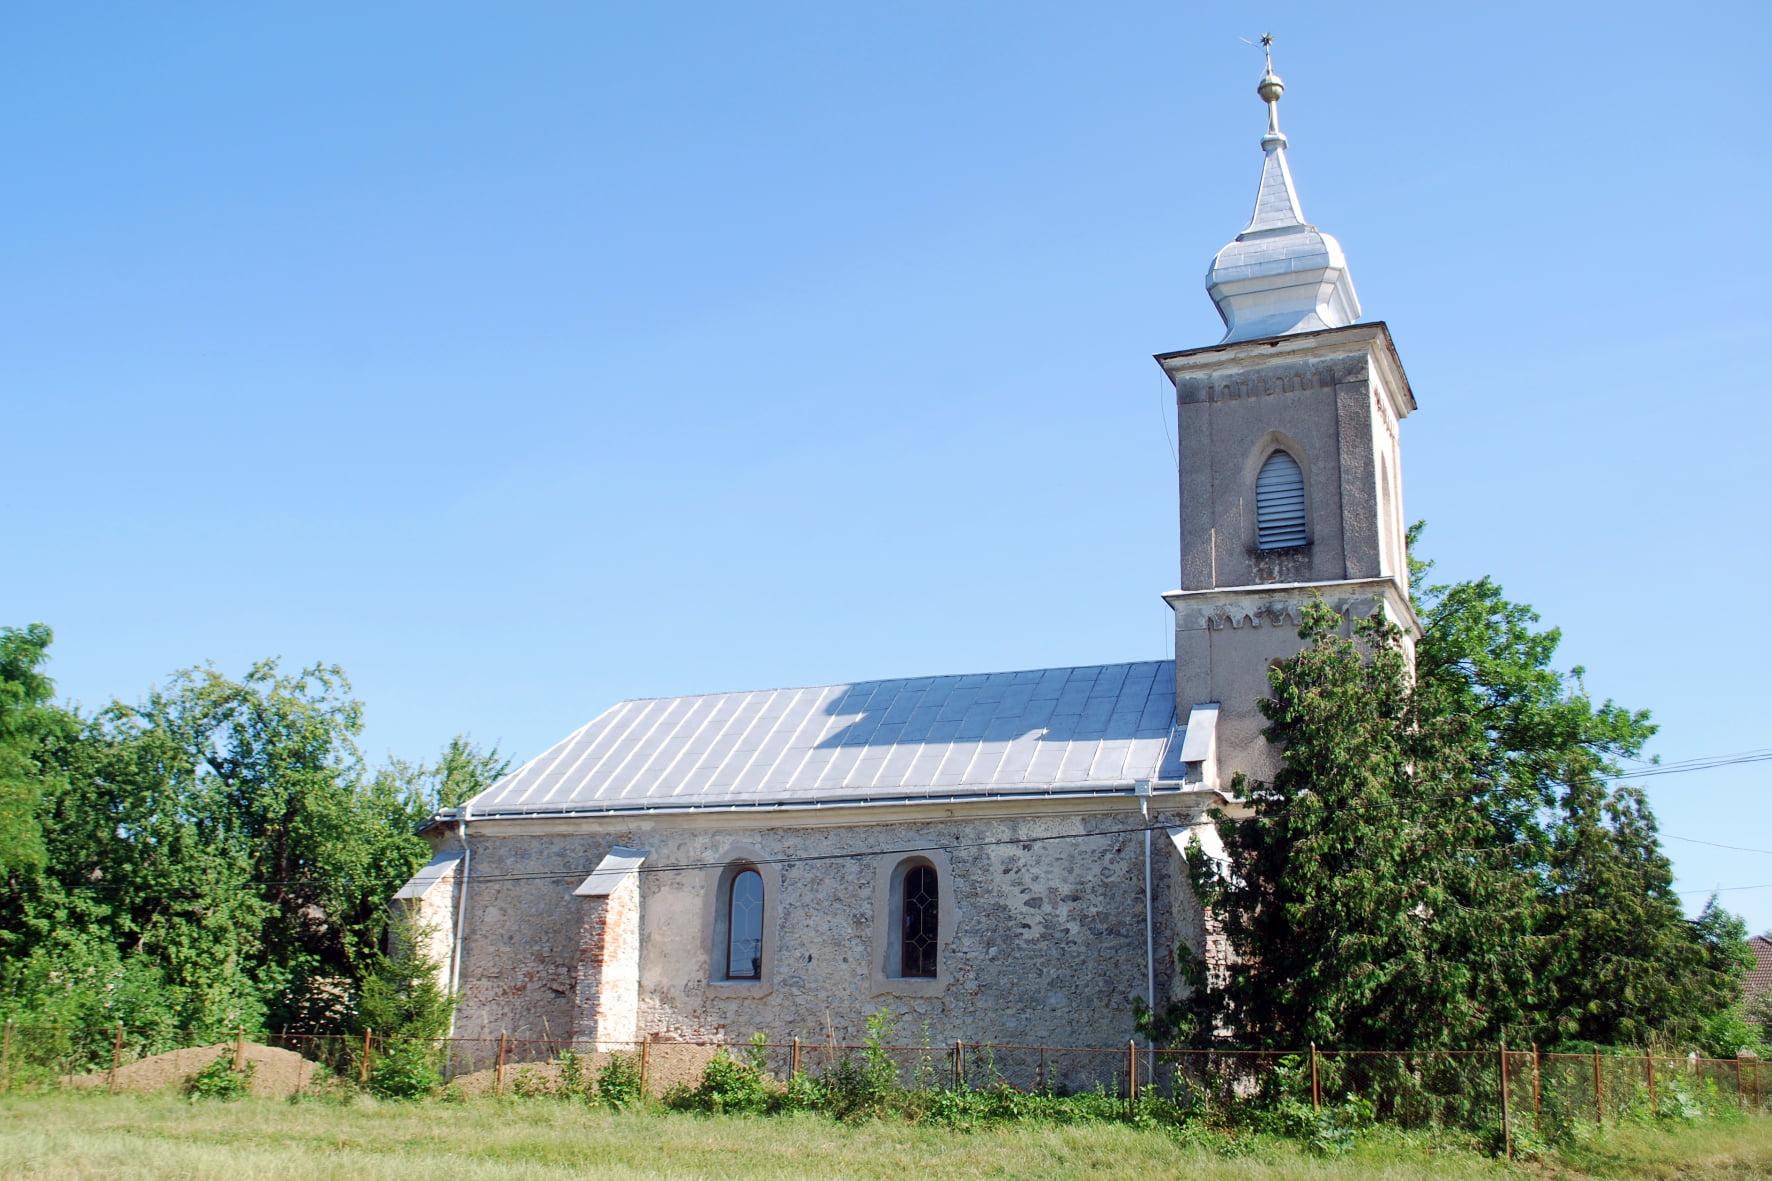 Церква ХІV століття знаходиться в селі Батфа.